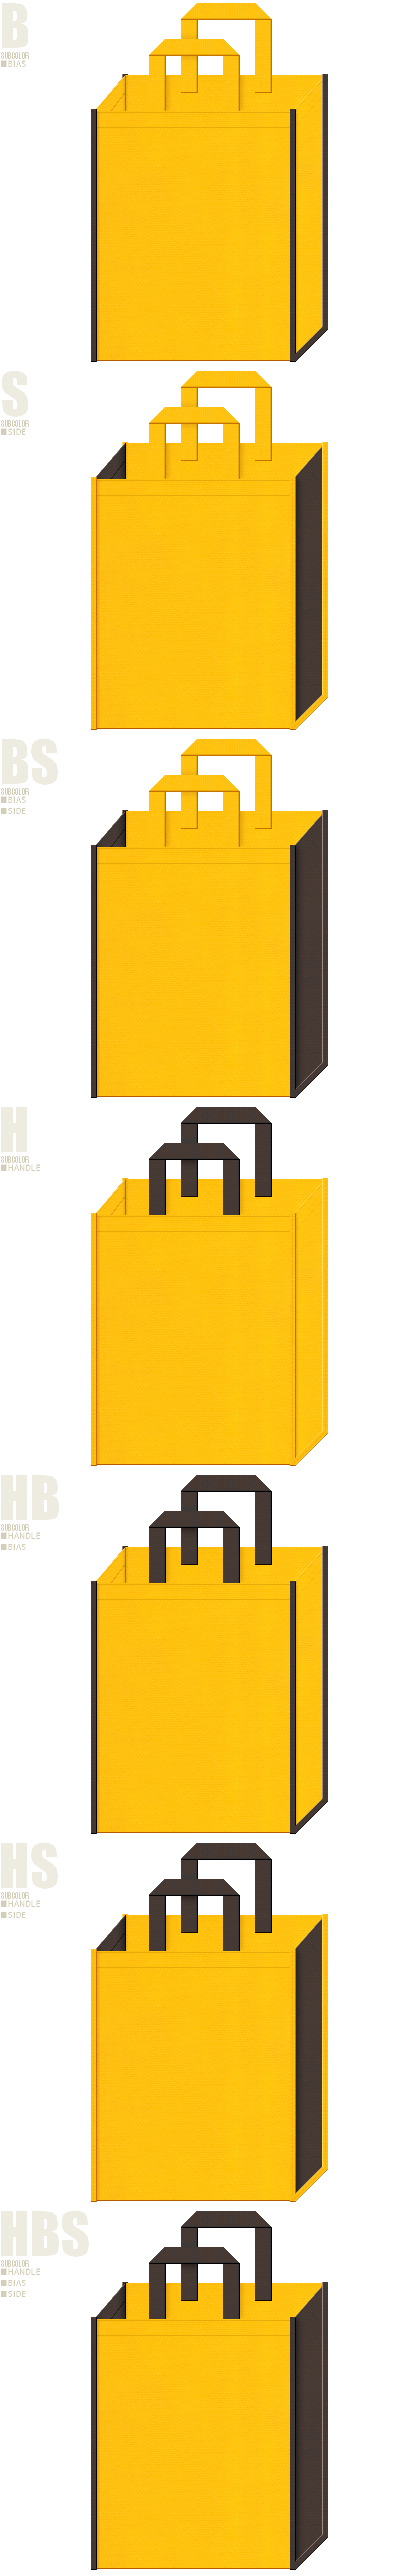 スイーツのショッピングバッグにお奨めの、黄色とこげ茶色、7パターンの不織布トートバッグ配色デザイン例。